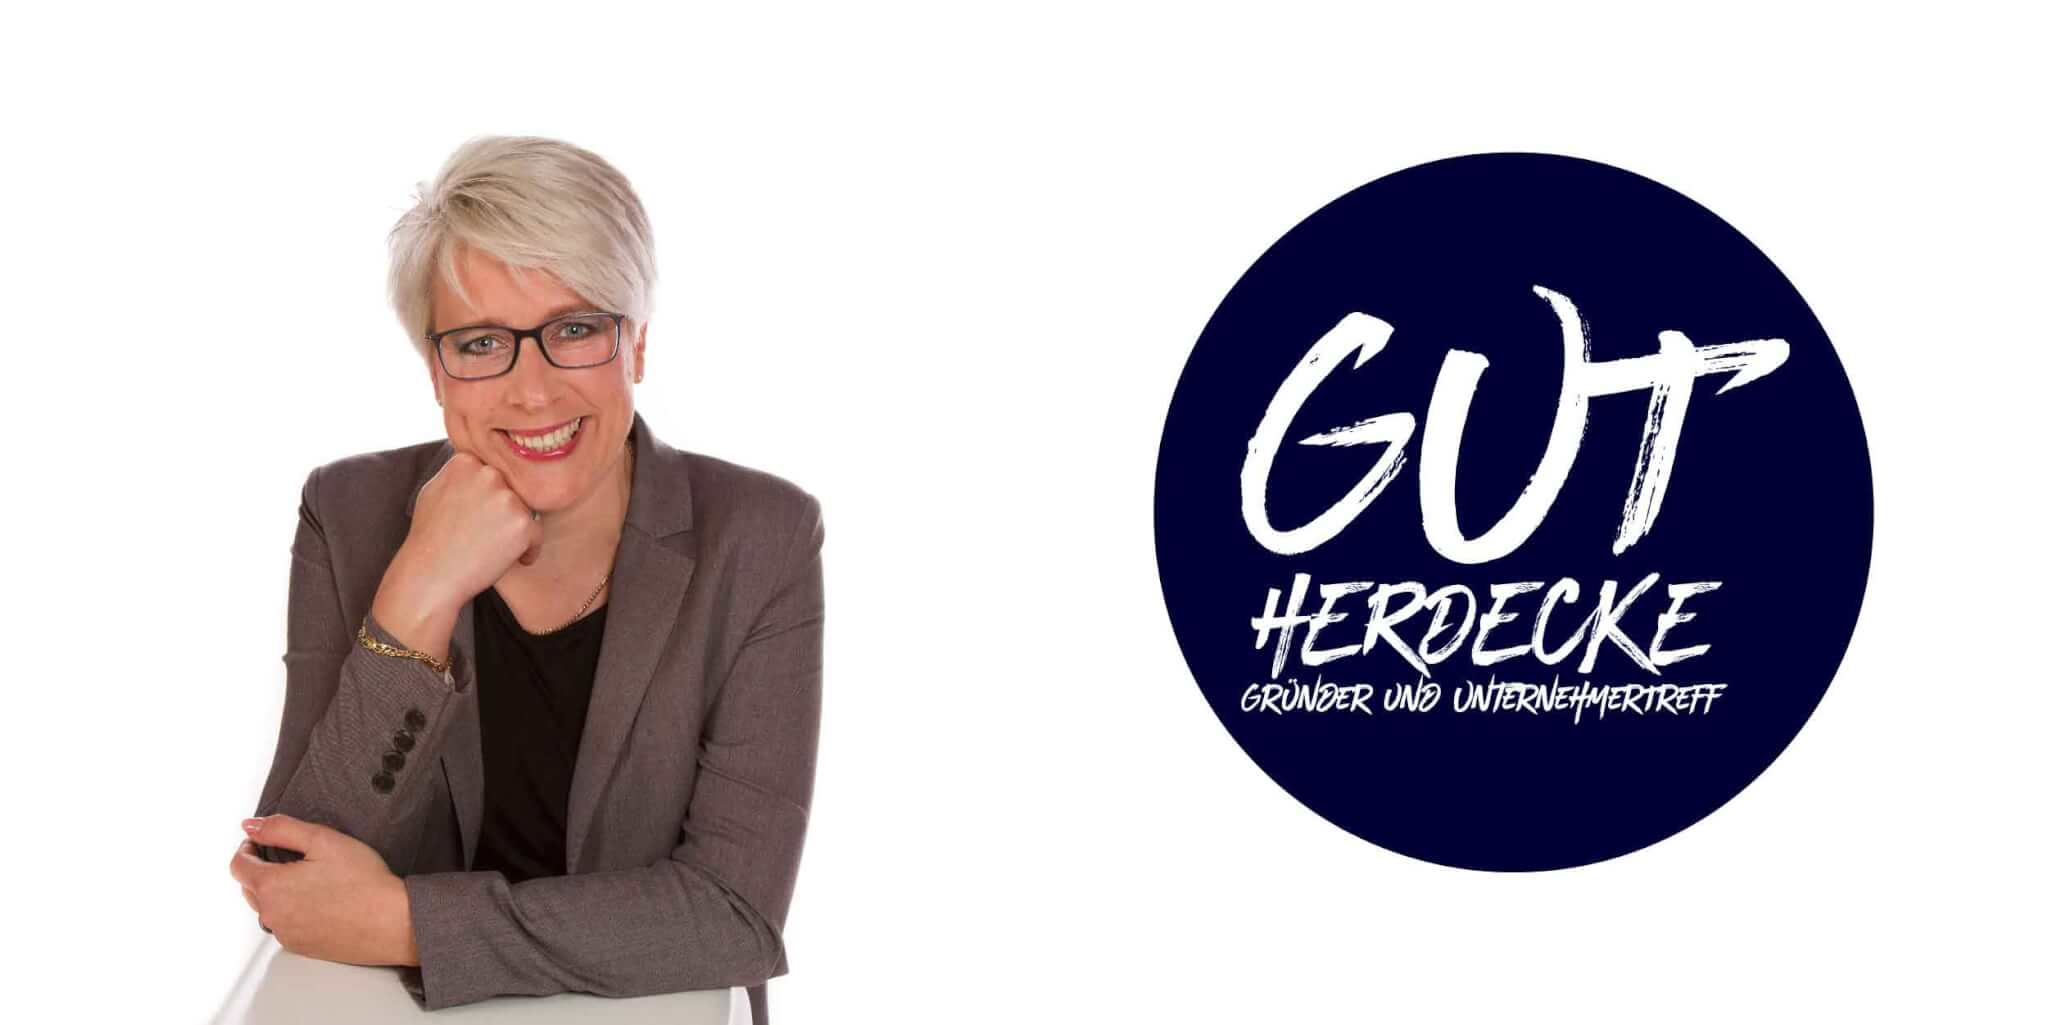 DSGVO reloaded | Gründer- und UnternehmerTreff Herdecke im Mai